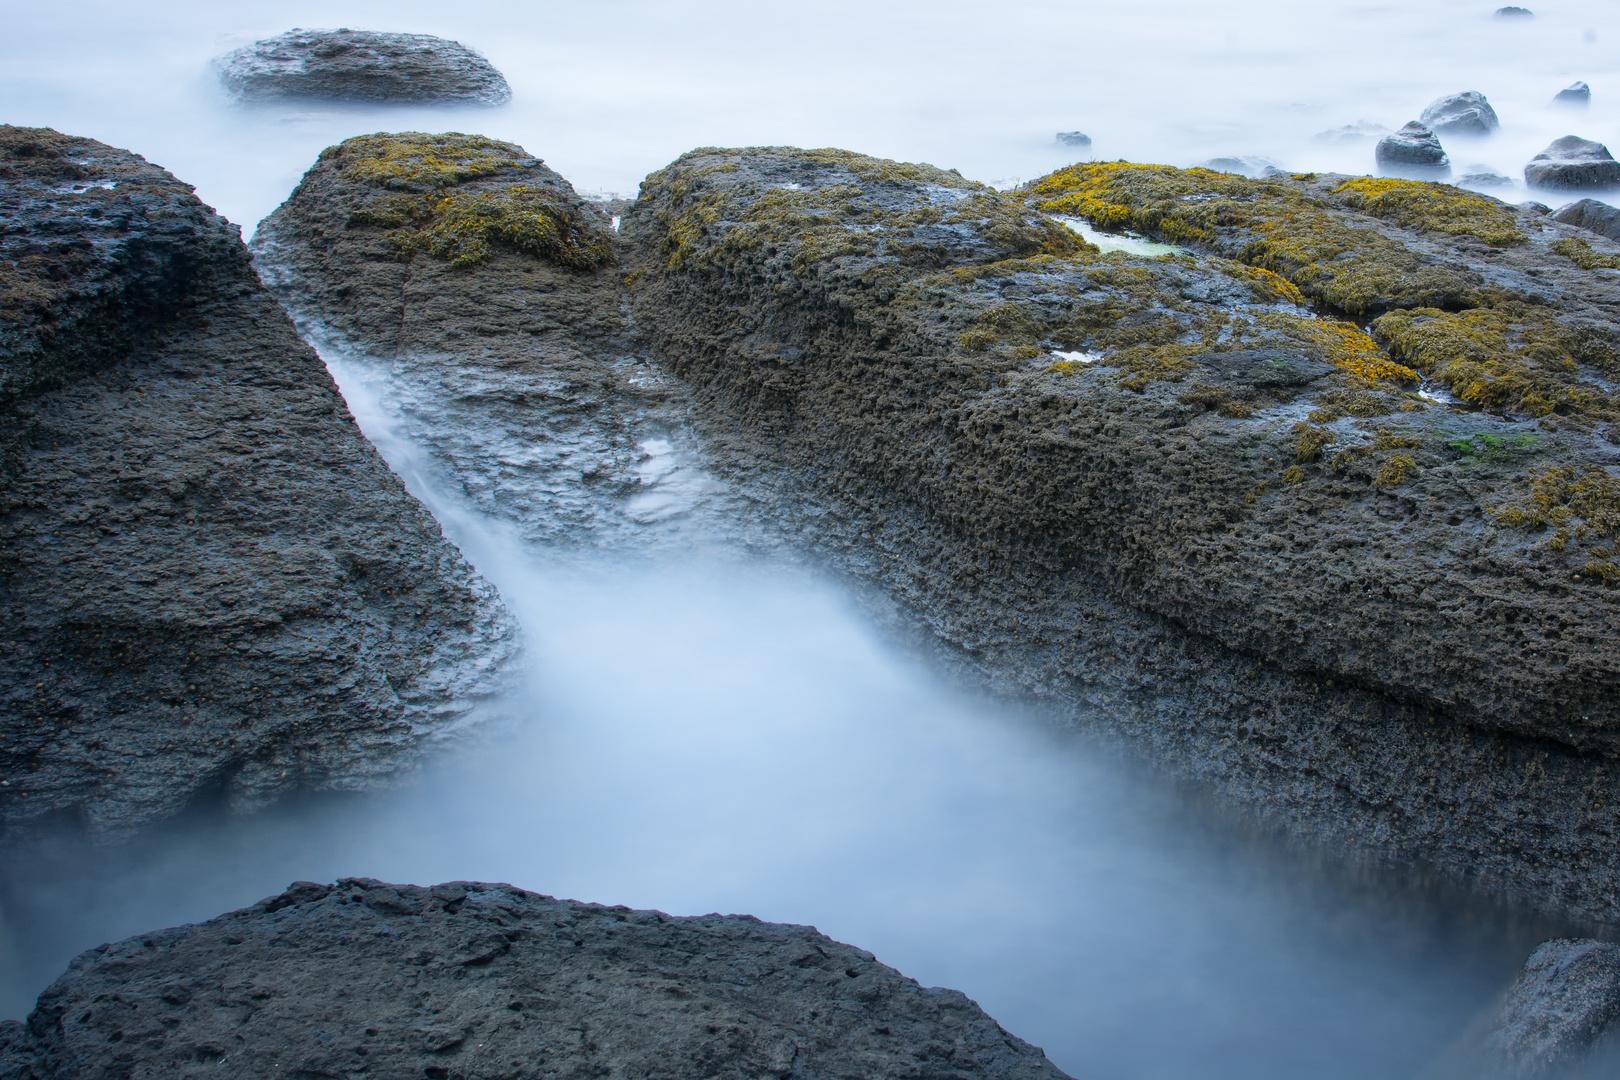 Bei regnerischen Wetter irgendwo an der Küste auf der Isle of Skye